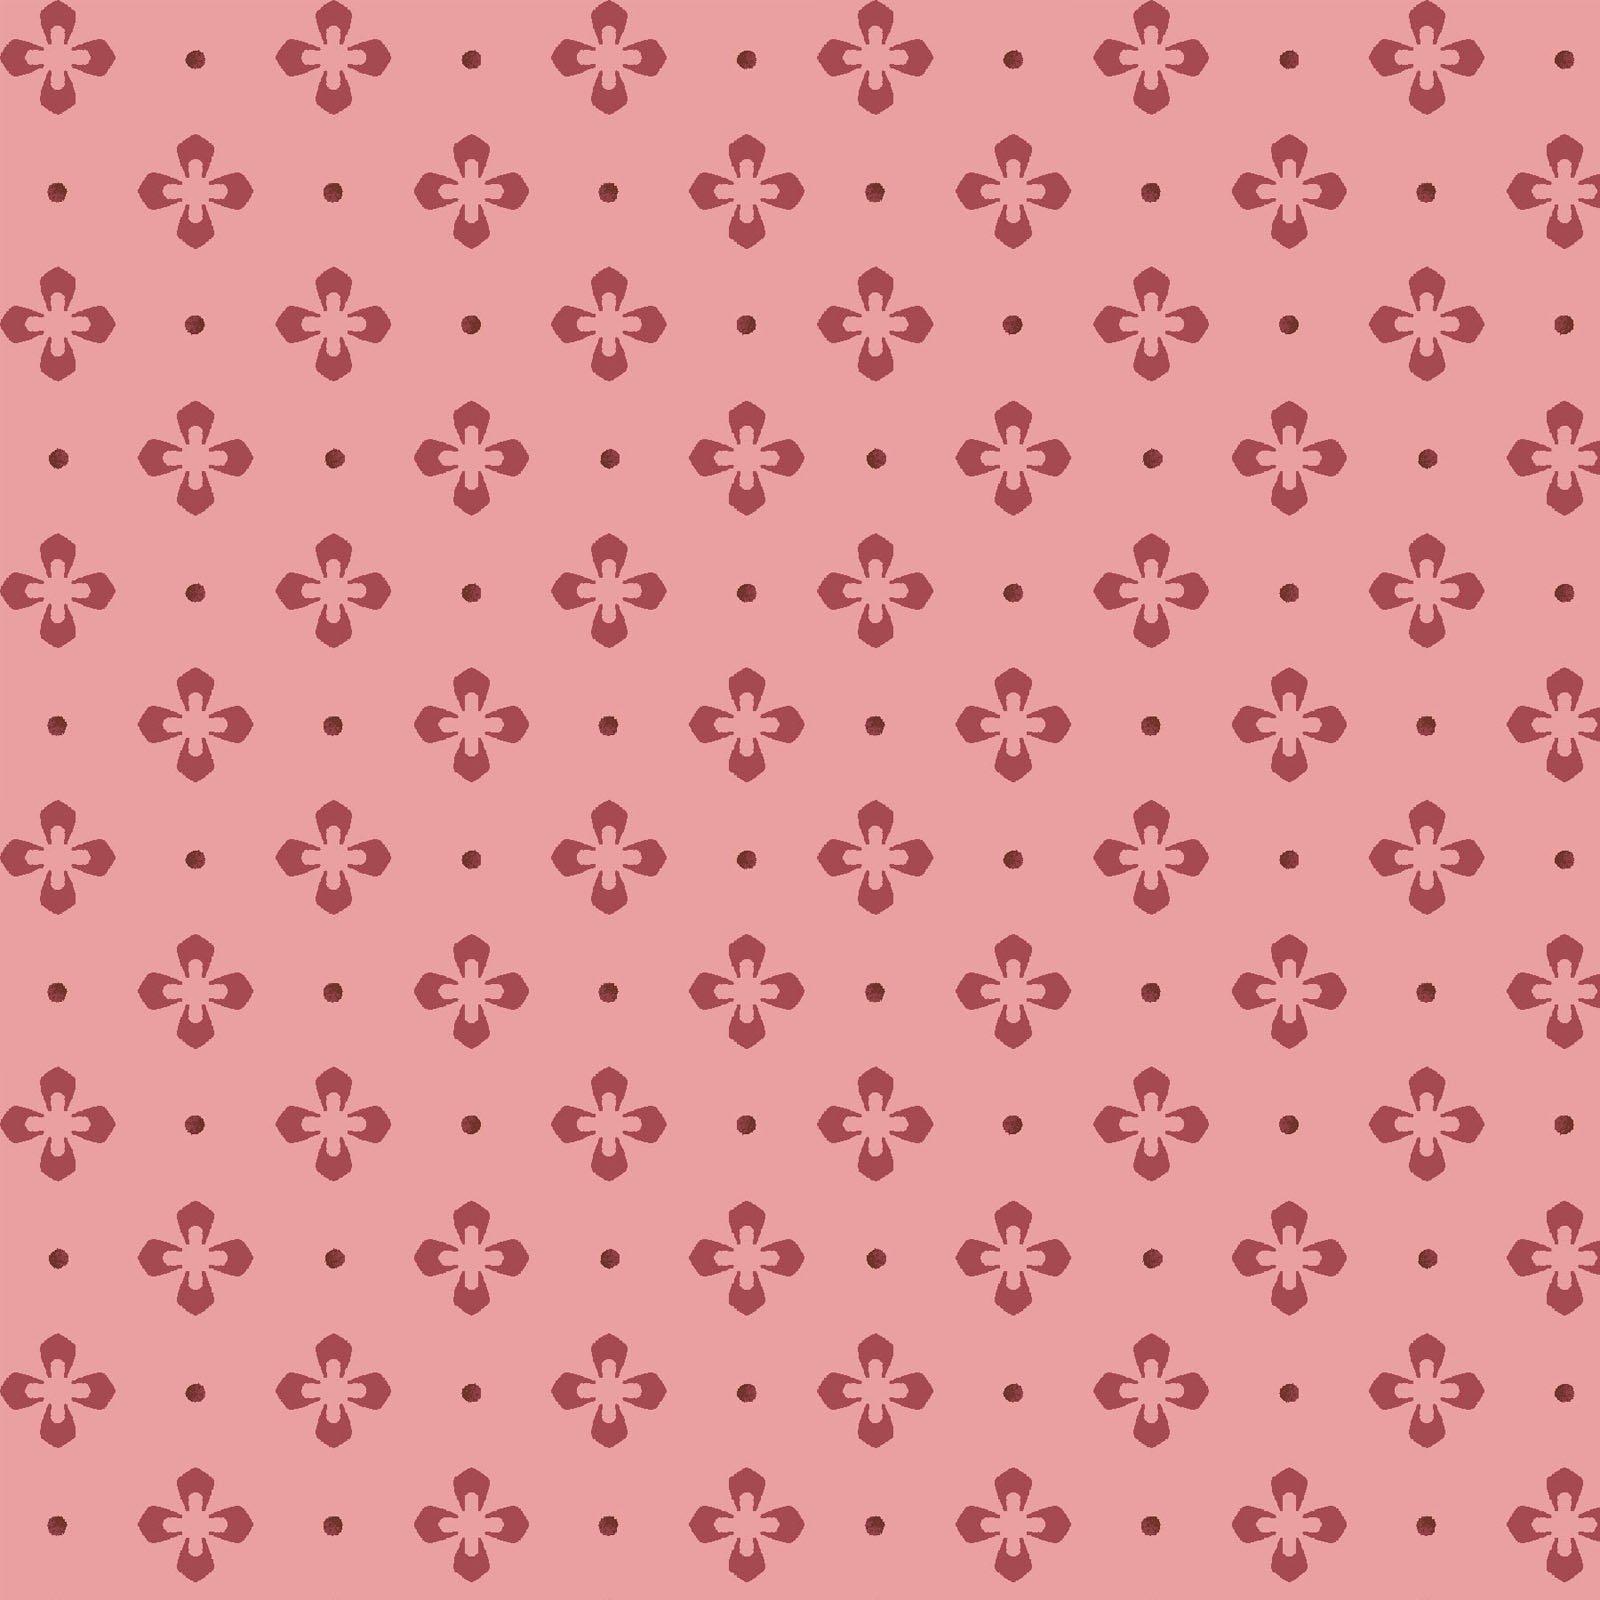 Burgundy & Blush  9366-P